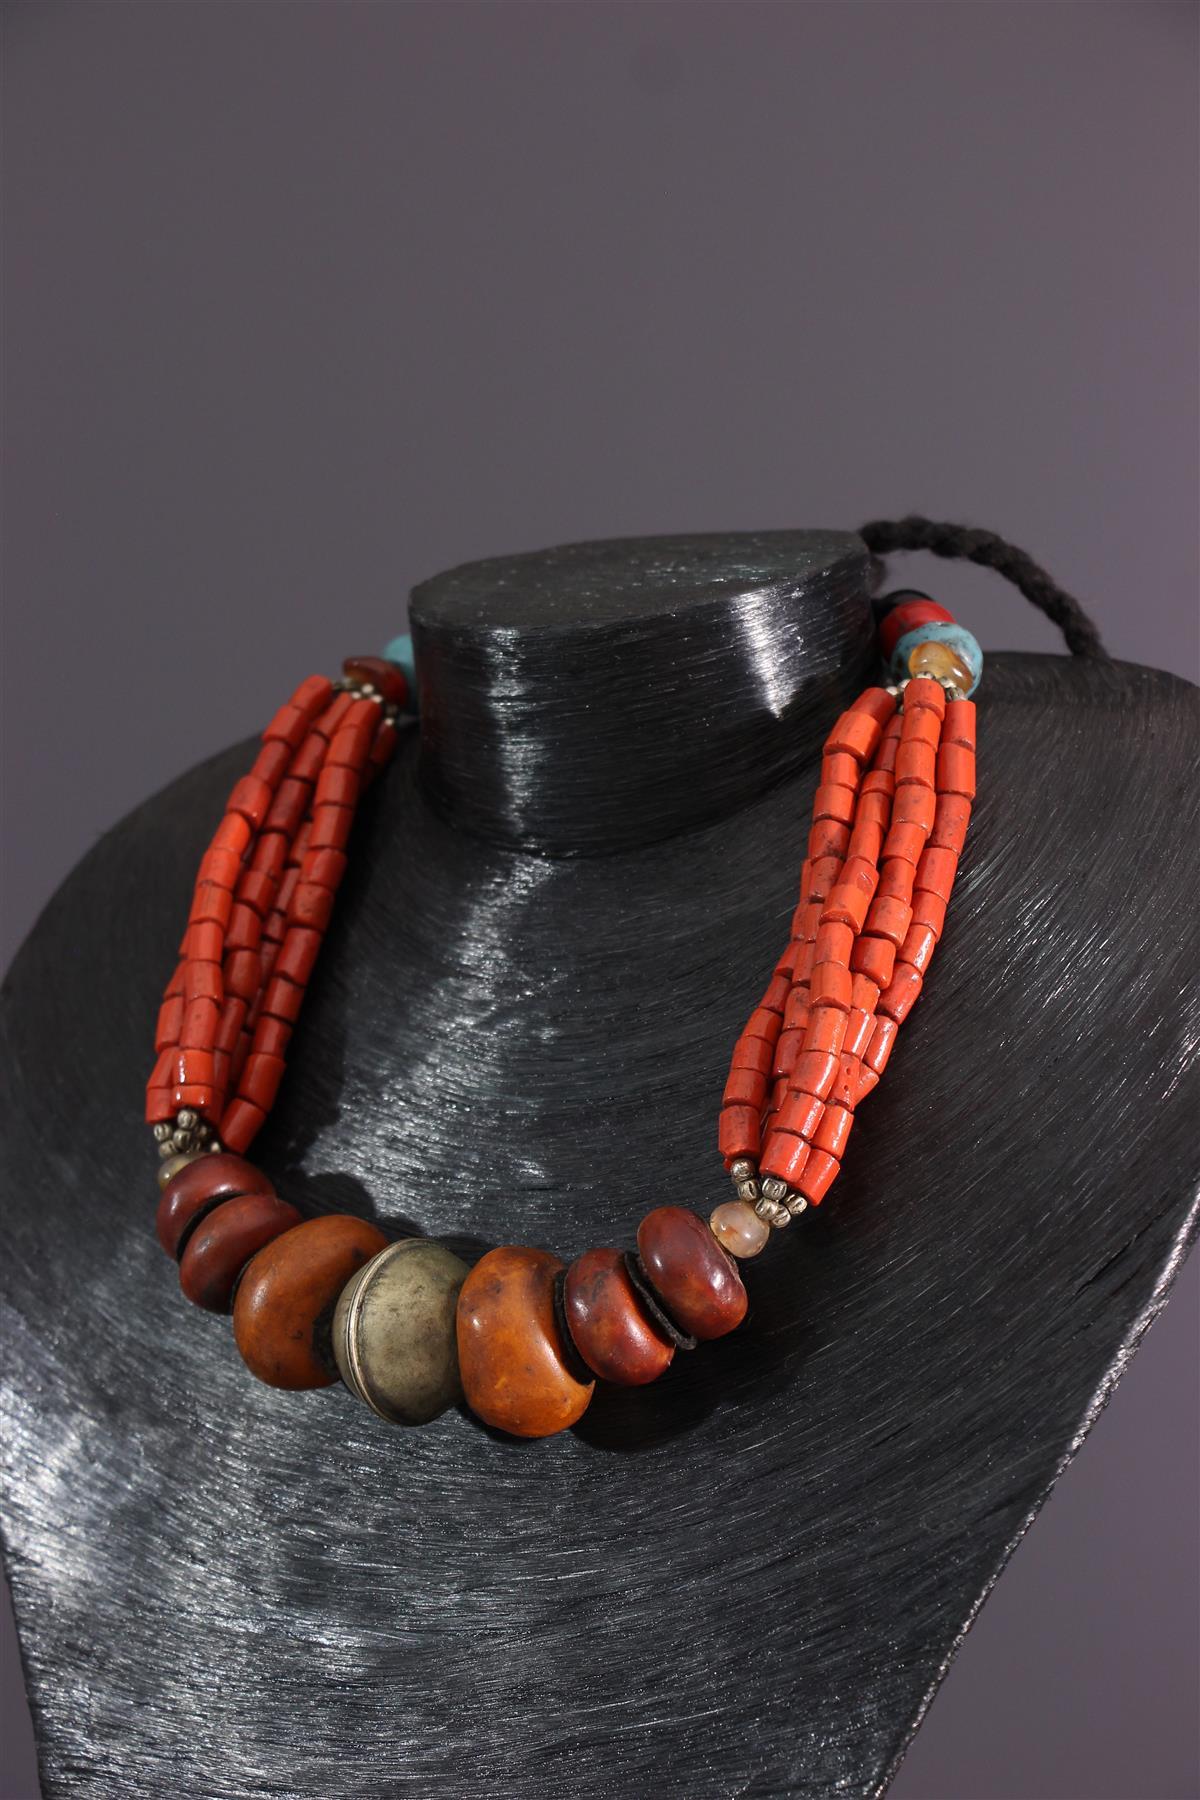 Berberketting - Afrikaanse kunst